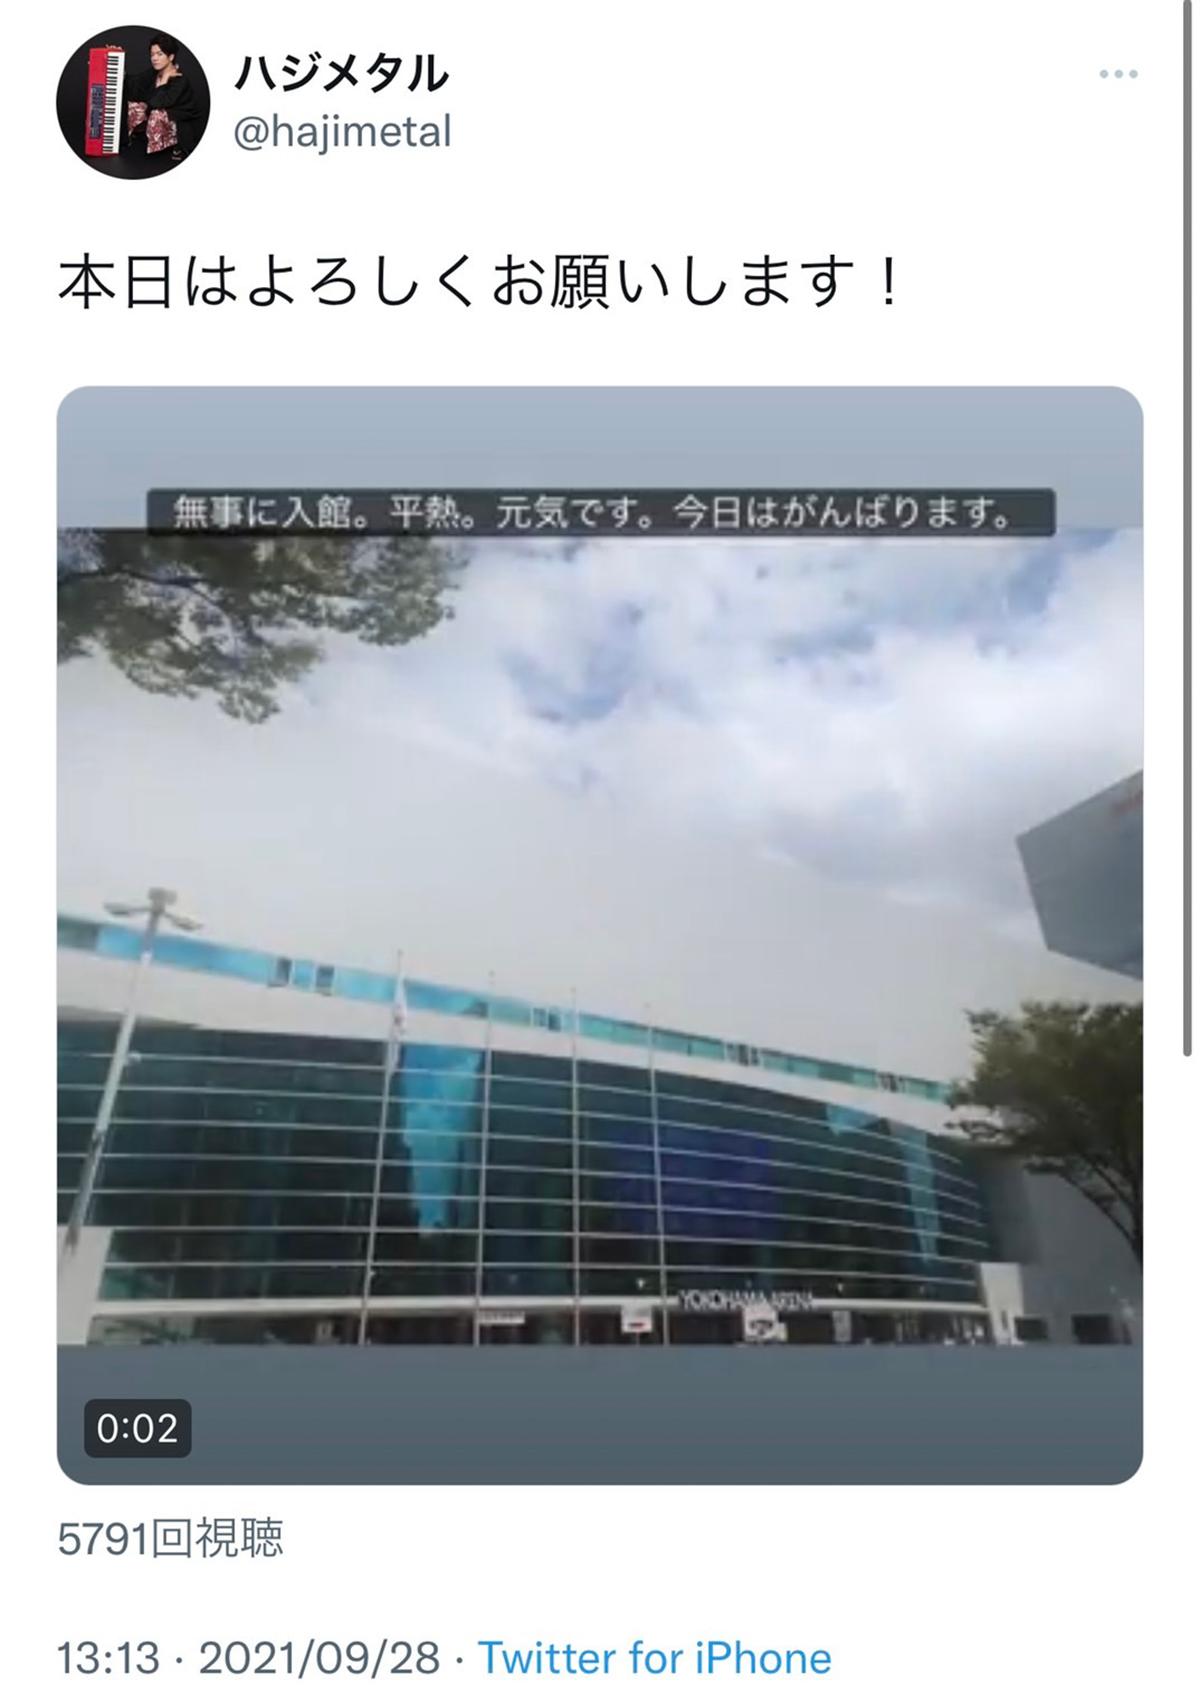 GLAYのサポートキーボード・ハジメタルの『B'z presents UNITE #01』横浜公演前の投稿画像